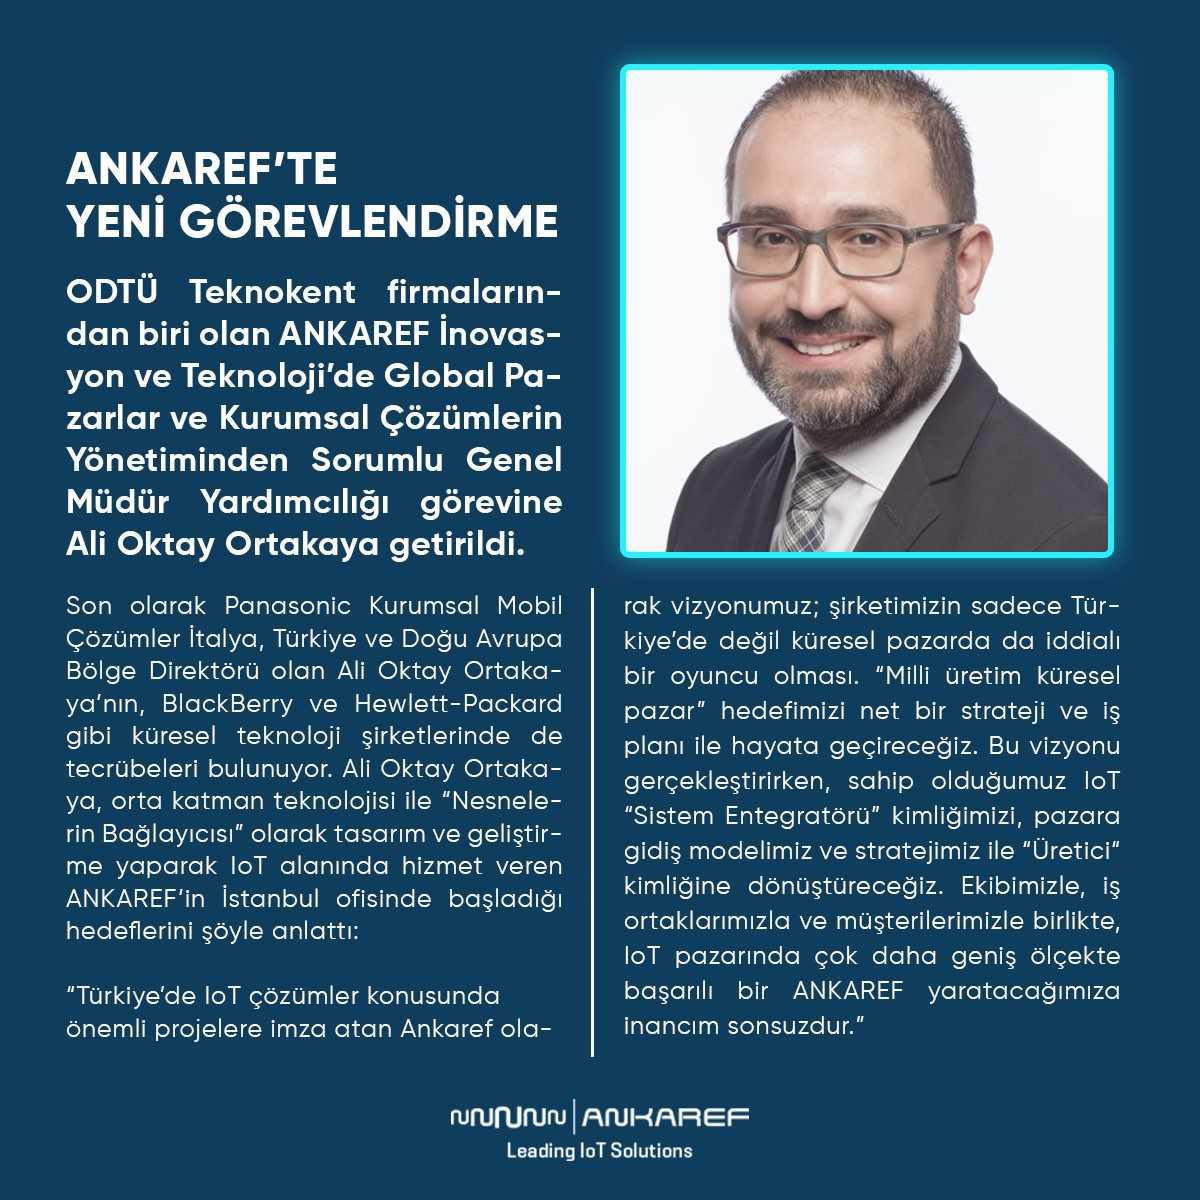 Türkiye'nin Lider IoT Hizmet Sağlayıcısı ANKAREF'te Yeni Görevlendirme